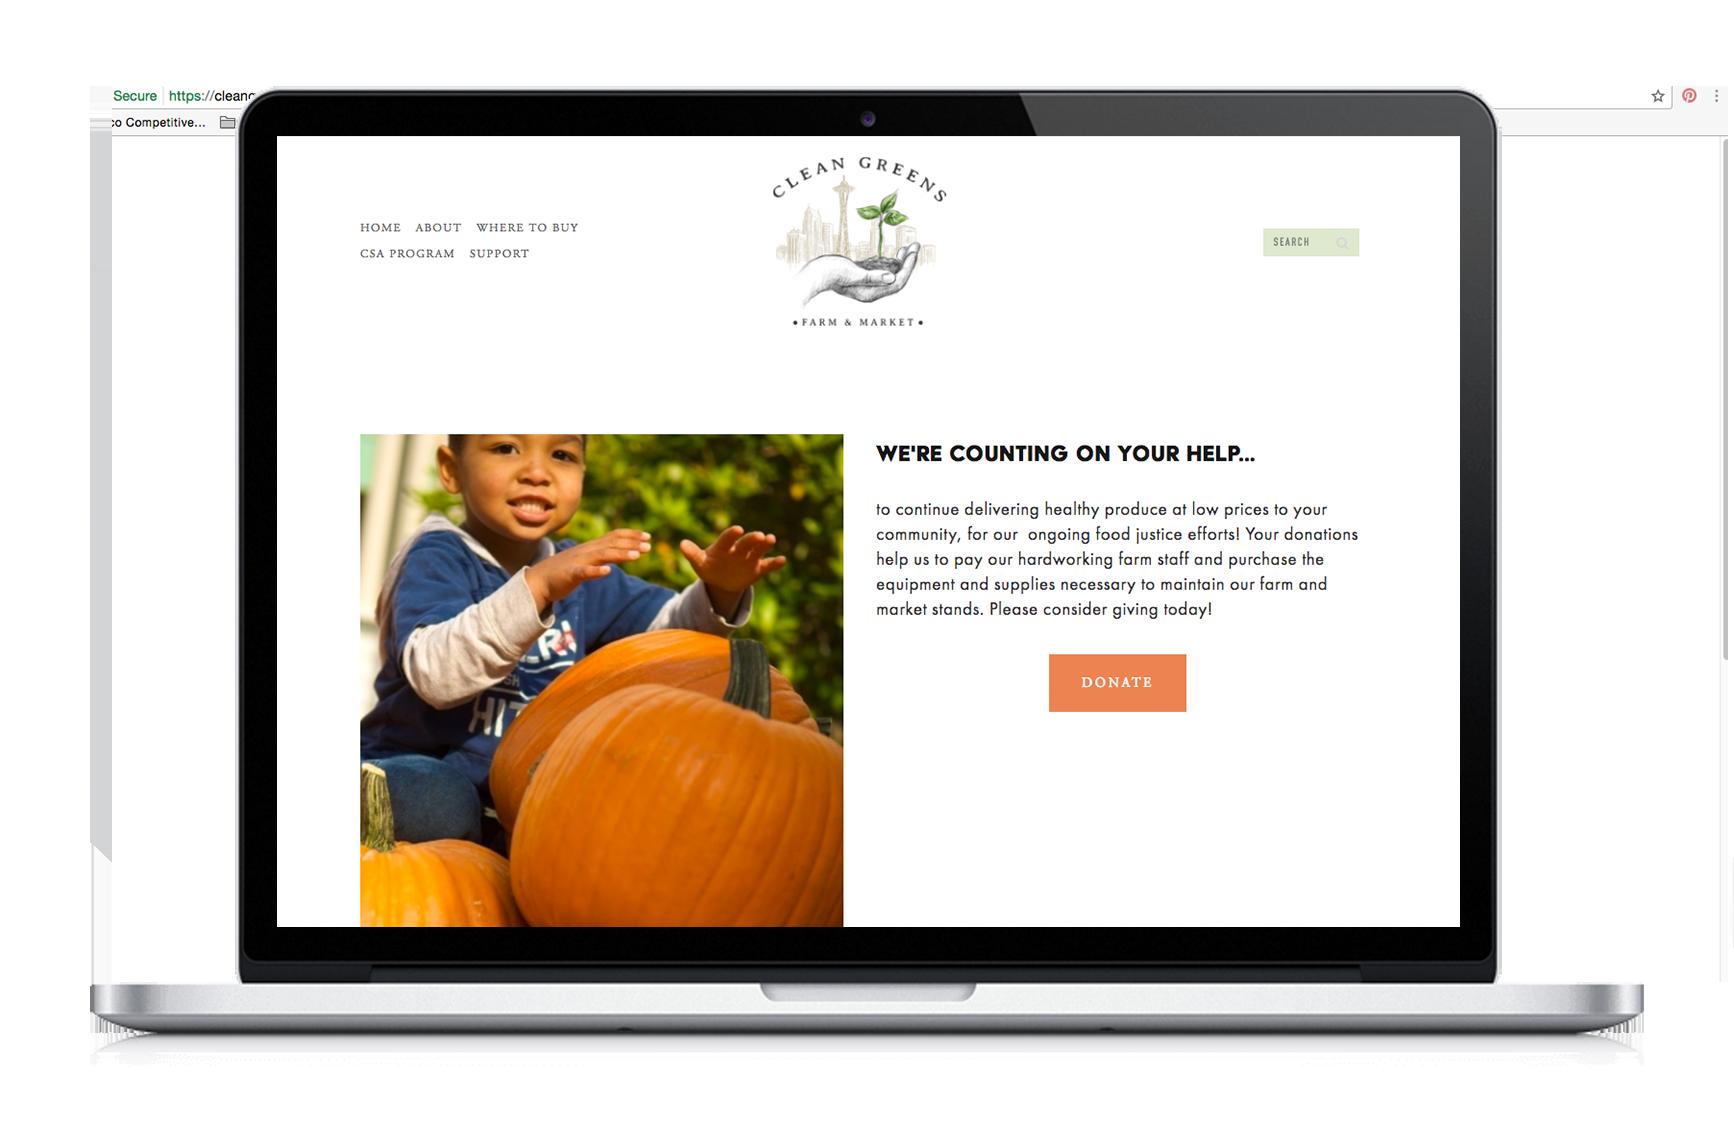 Clean Greens_Website 09.png